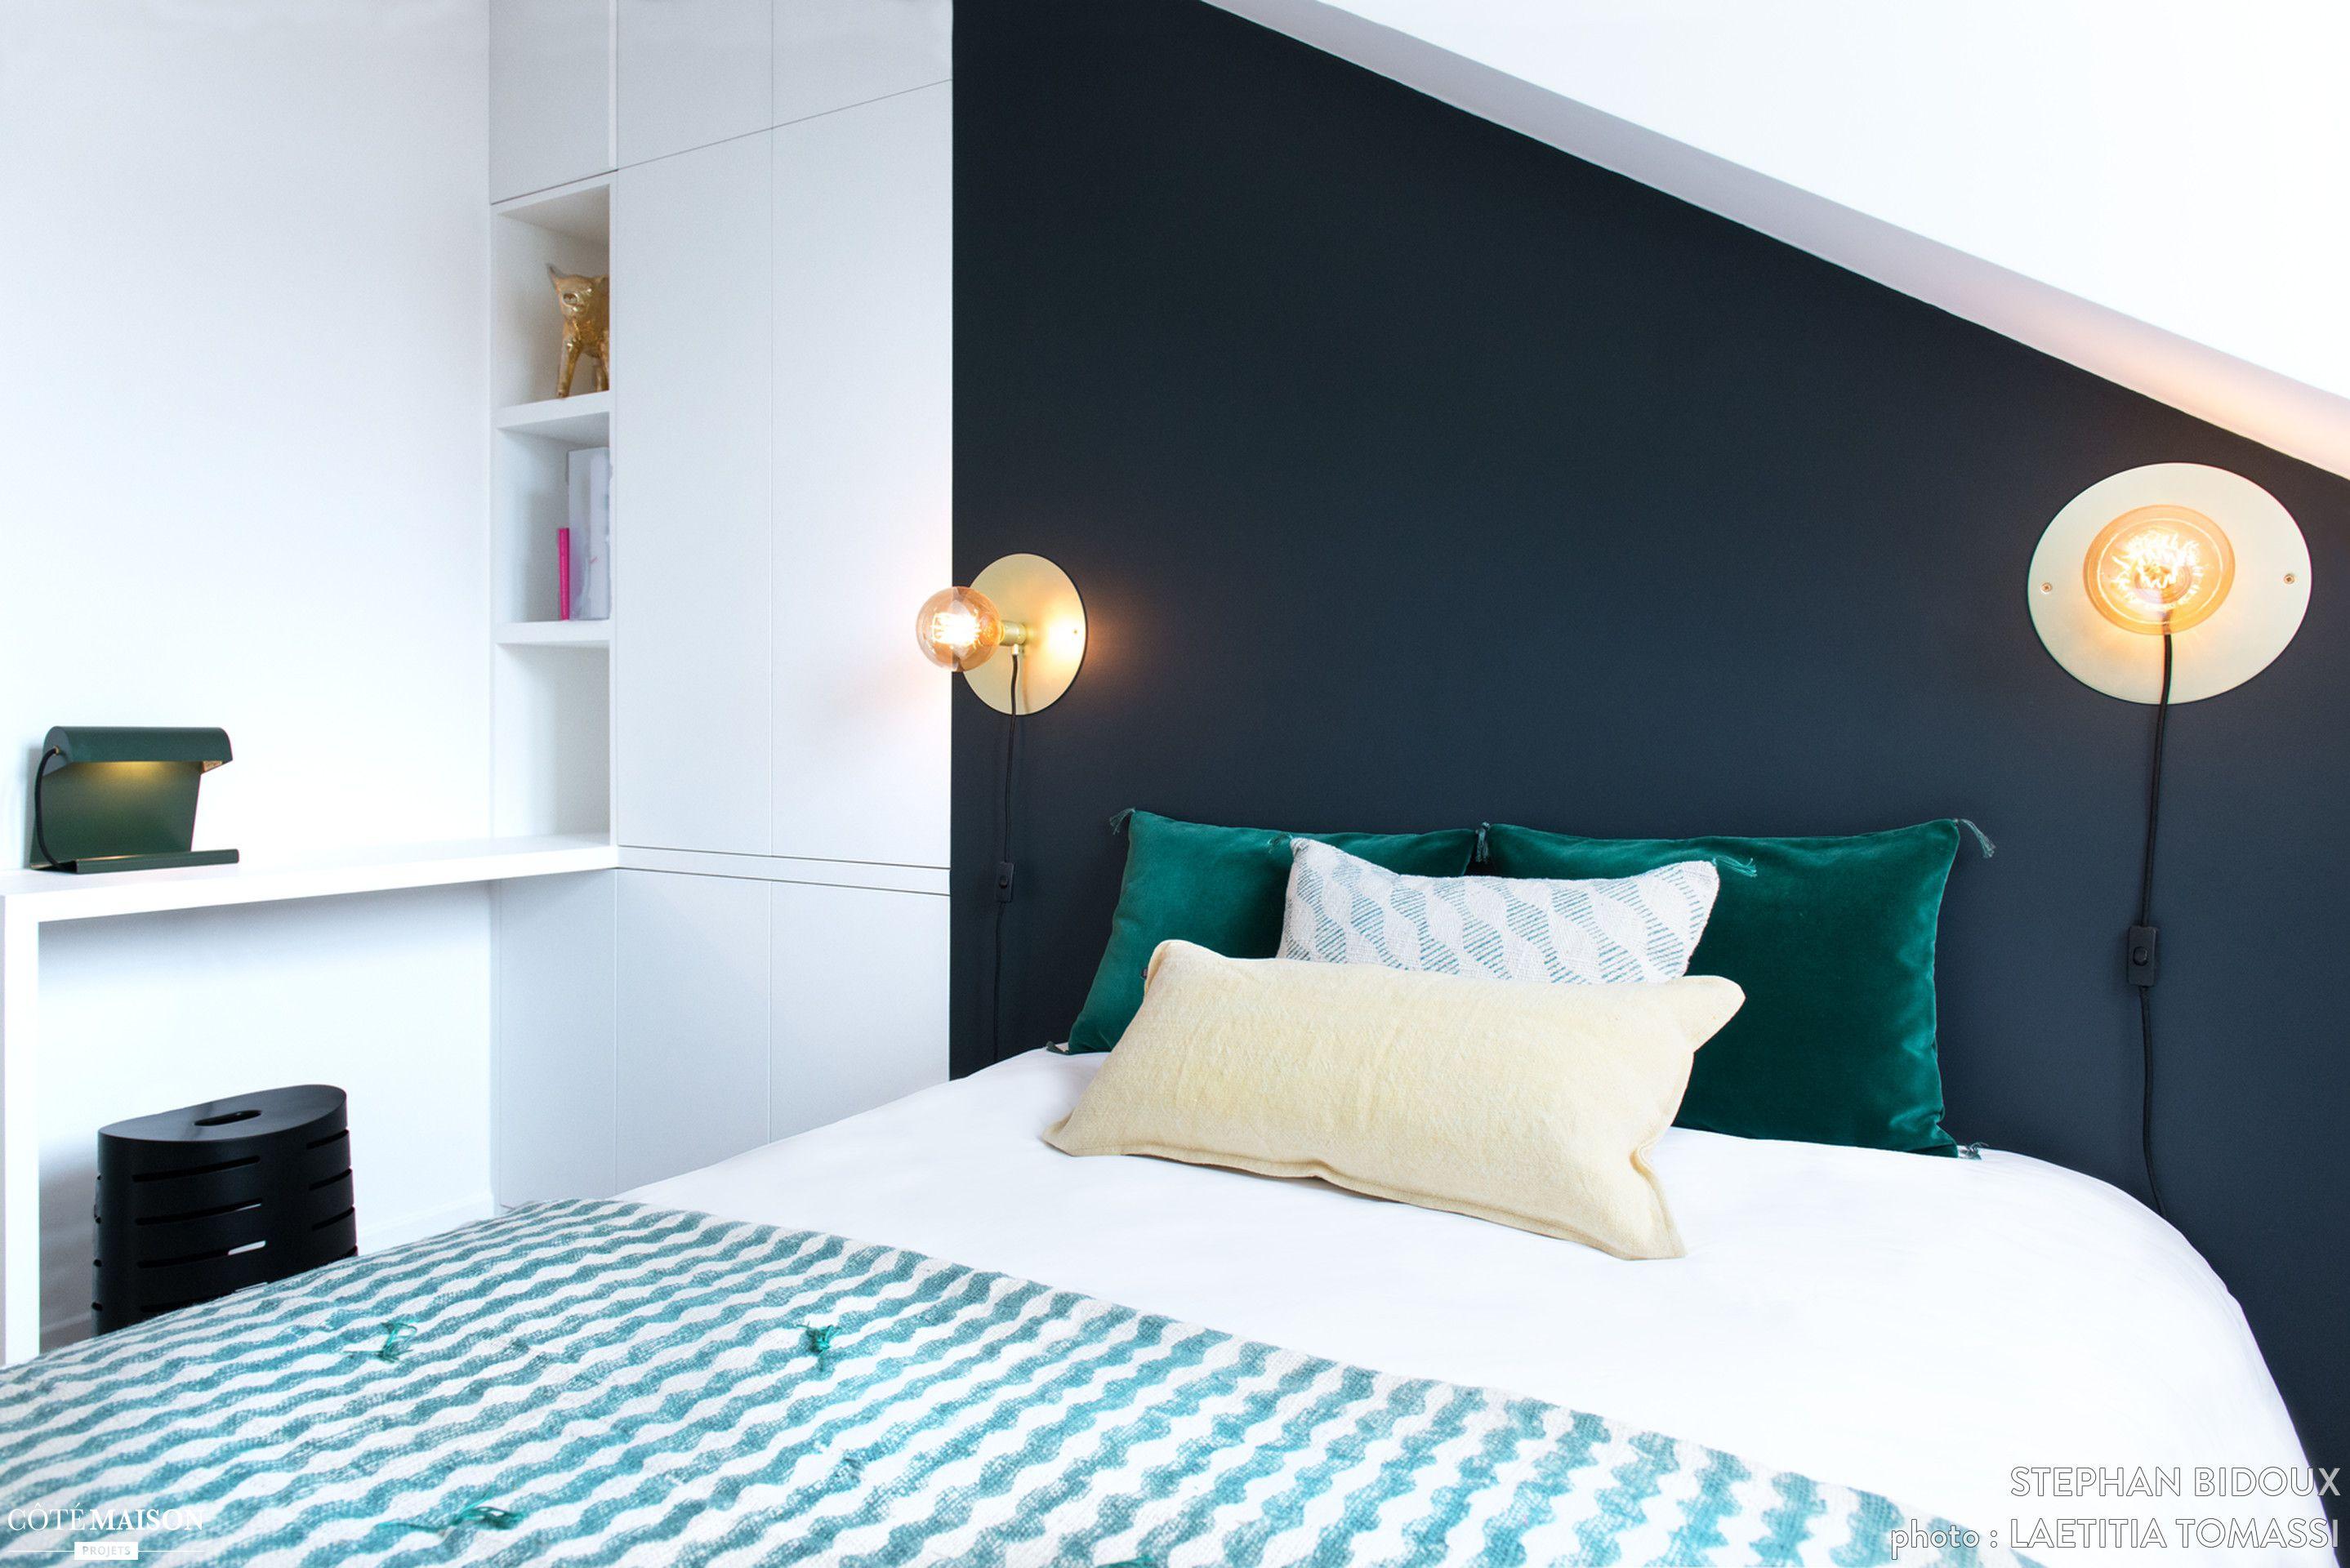 la propritaire habitant cannes souhaitait avoir un pied a terre pour ses sejours parisiens amnag. Black Bedroom Furniture Sets. Home Design Ideas